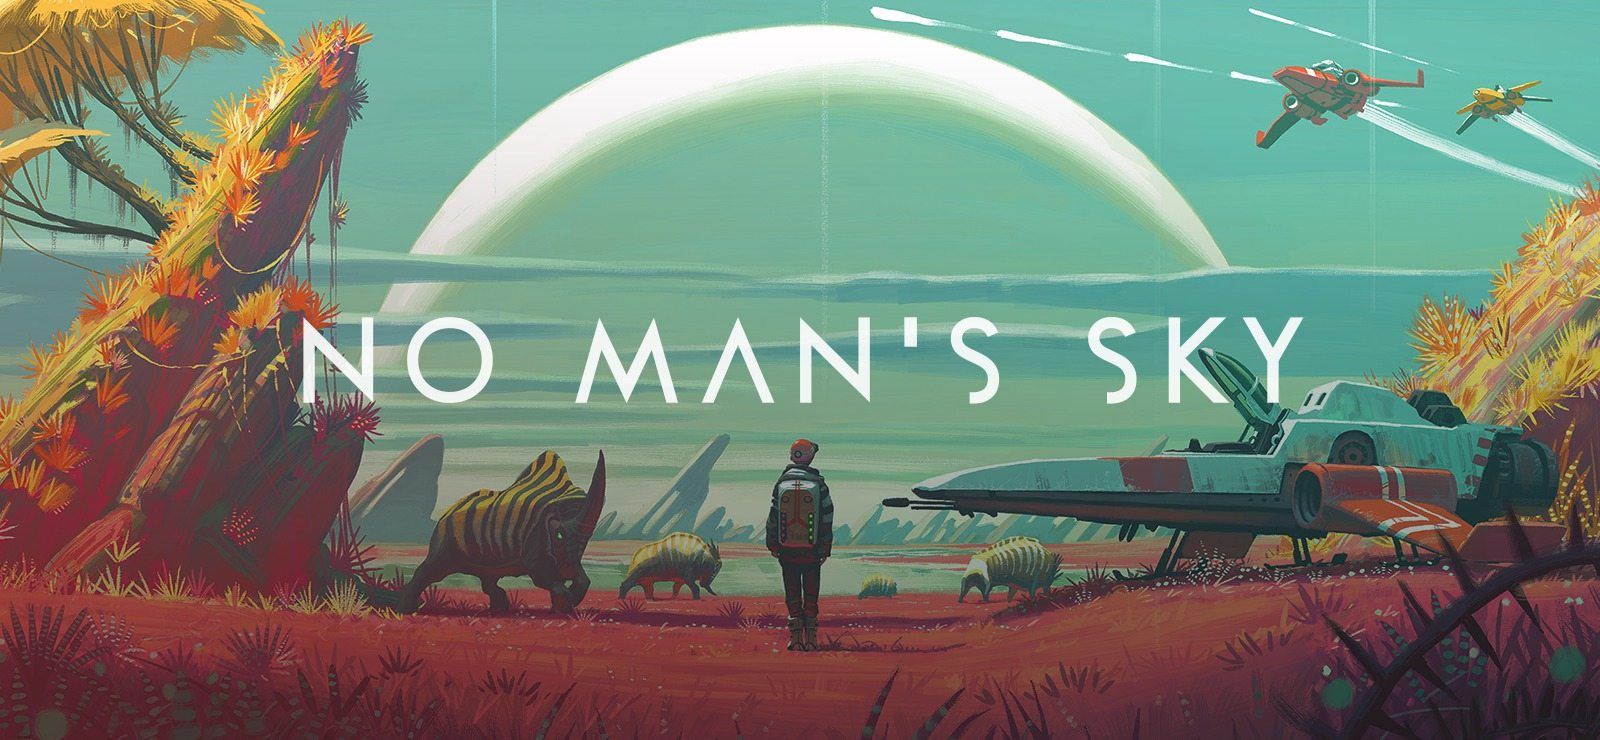 No Man's Sky Text GameSoul (1)